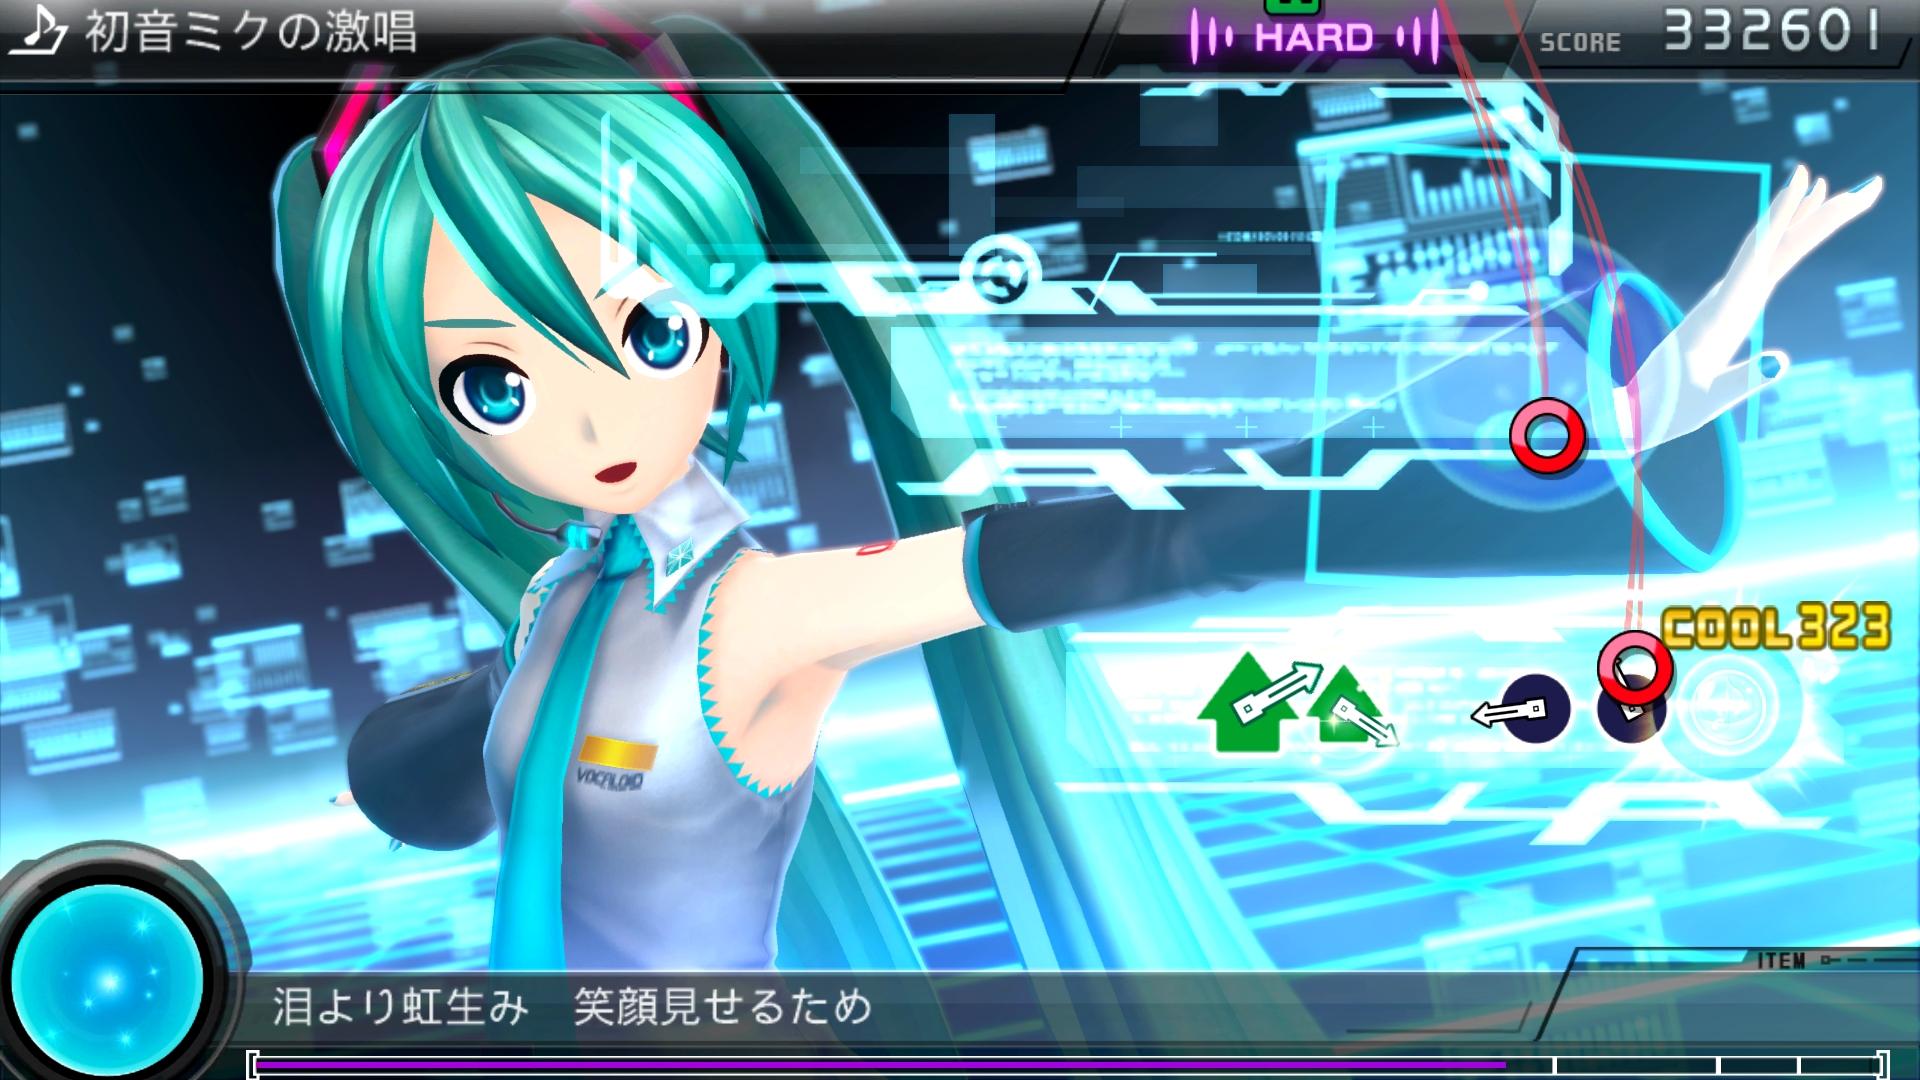 20140325 001 - Switch独占「初音ミクMEGA39s」の最新PVのグラフィックが凄すぎる